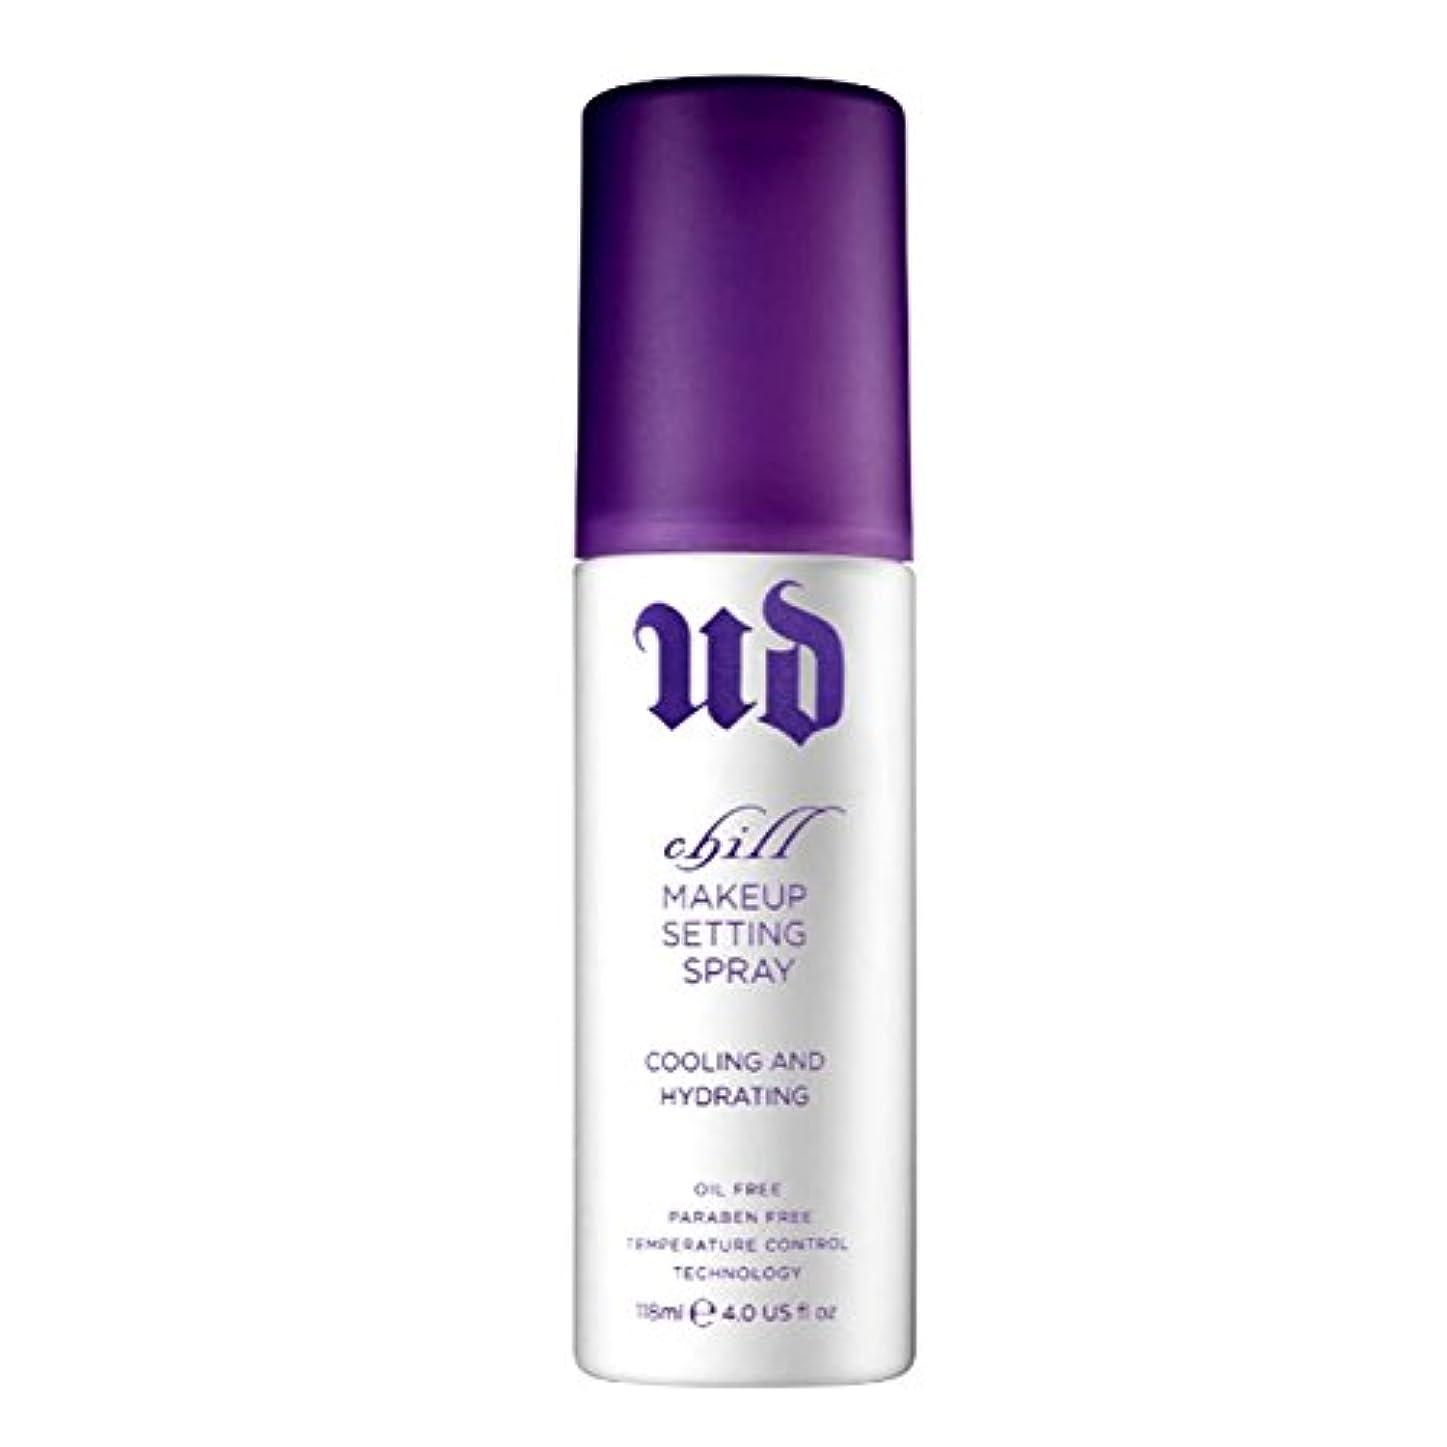 イタリックジュラシックパークロンドンURBAN DECAY アーバンディケイ, Chill Make up Setting Spray.Chill スプレーを設定するメイク 4 oz (118 ml) [並行輸入品]